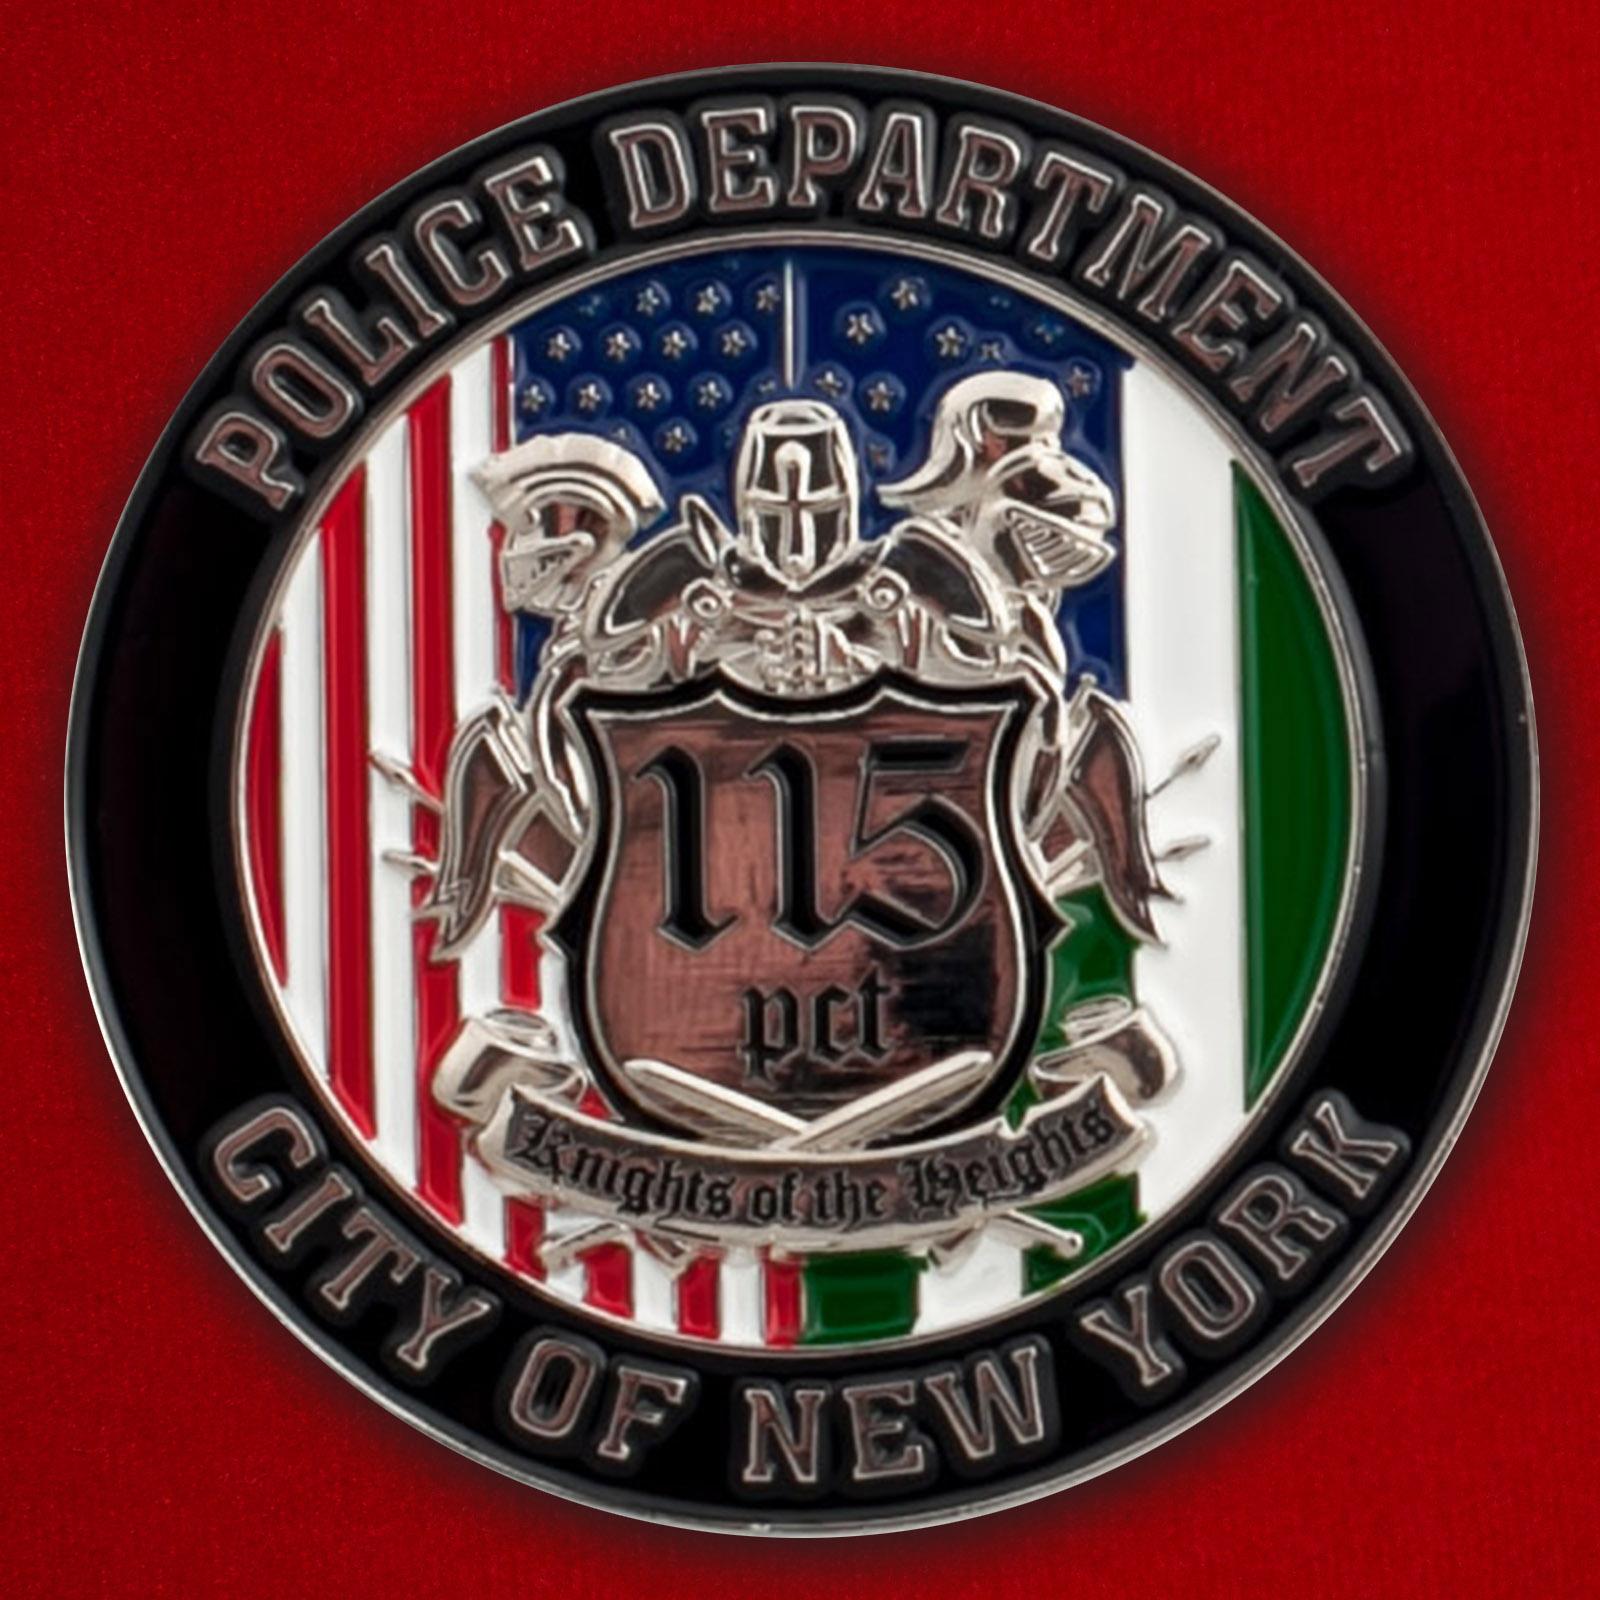 Челлендж коин сотрудников 115-го участка Управления полиции Нью-Йорка